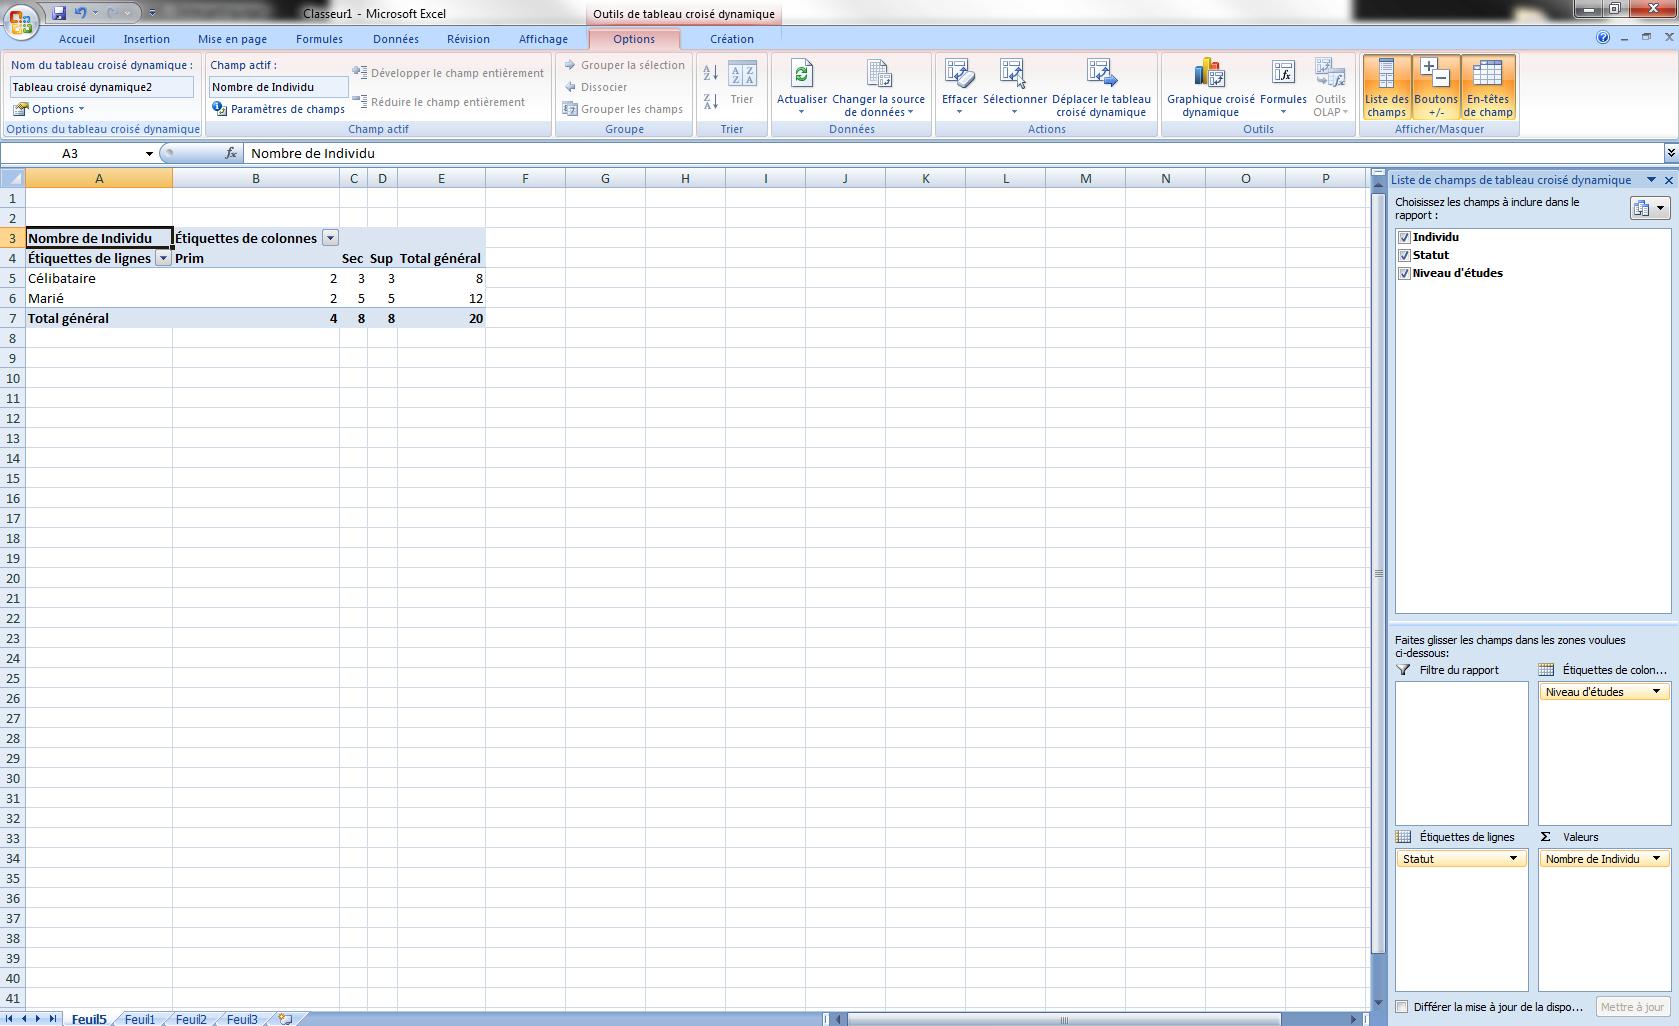 Excel_tableau croisé dynamique